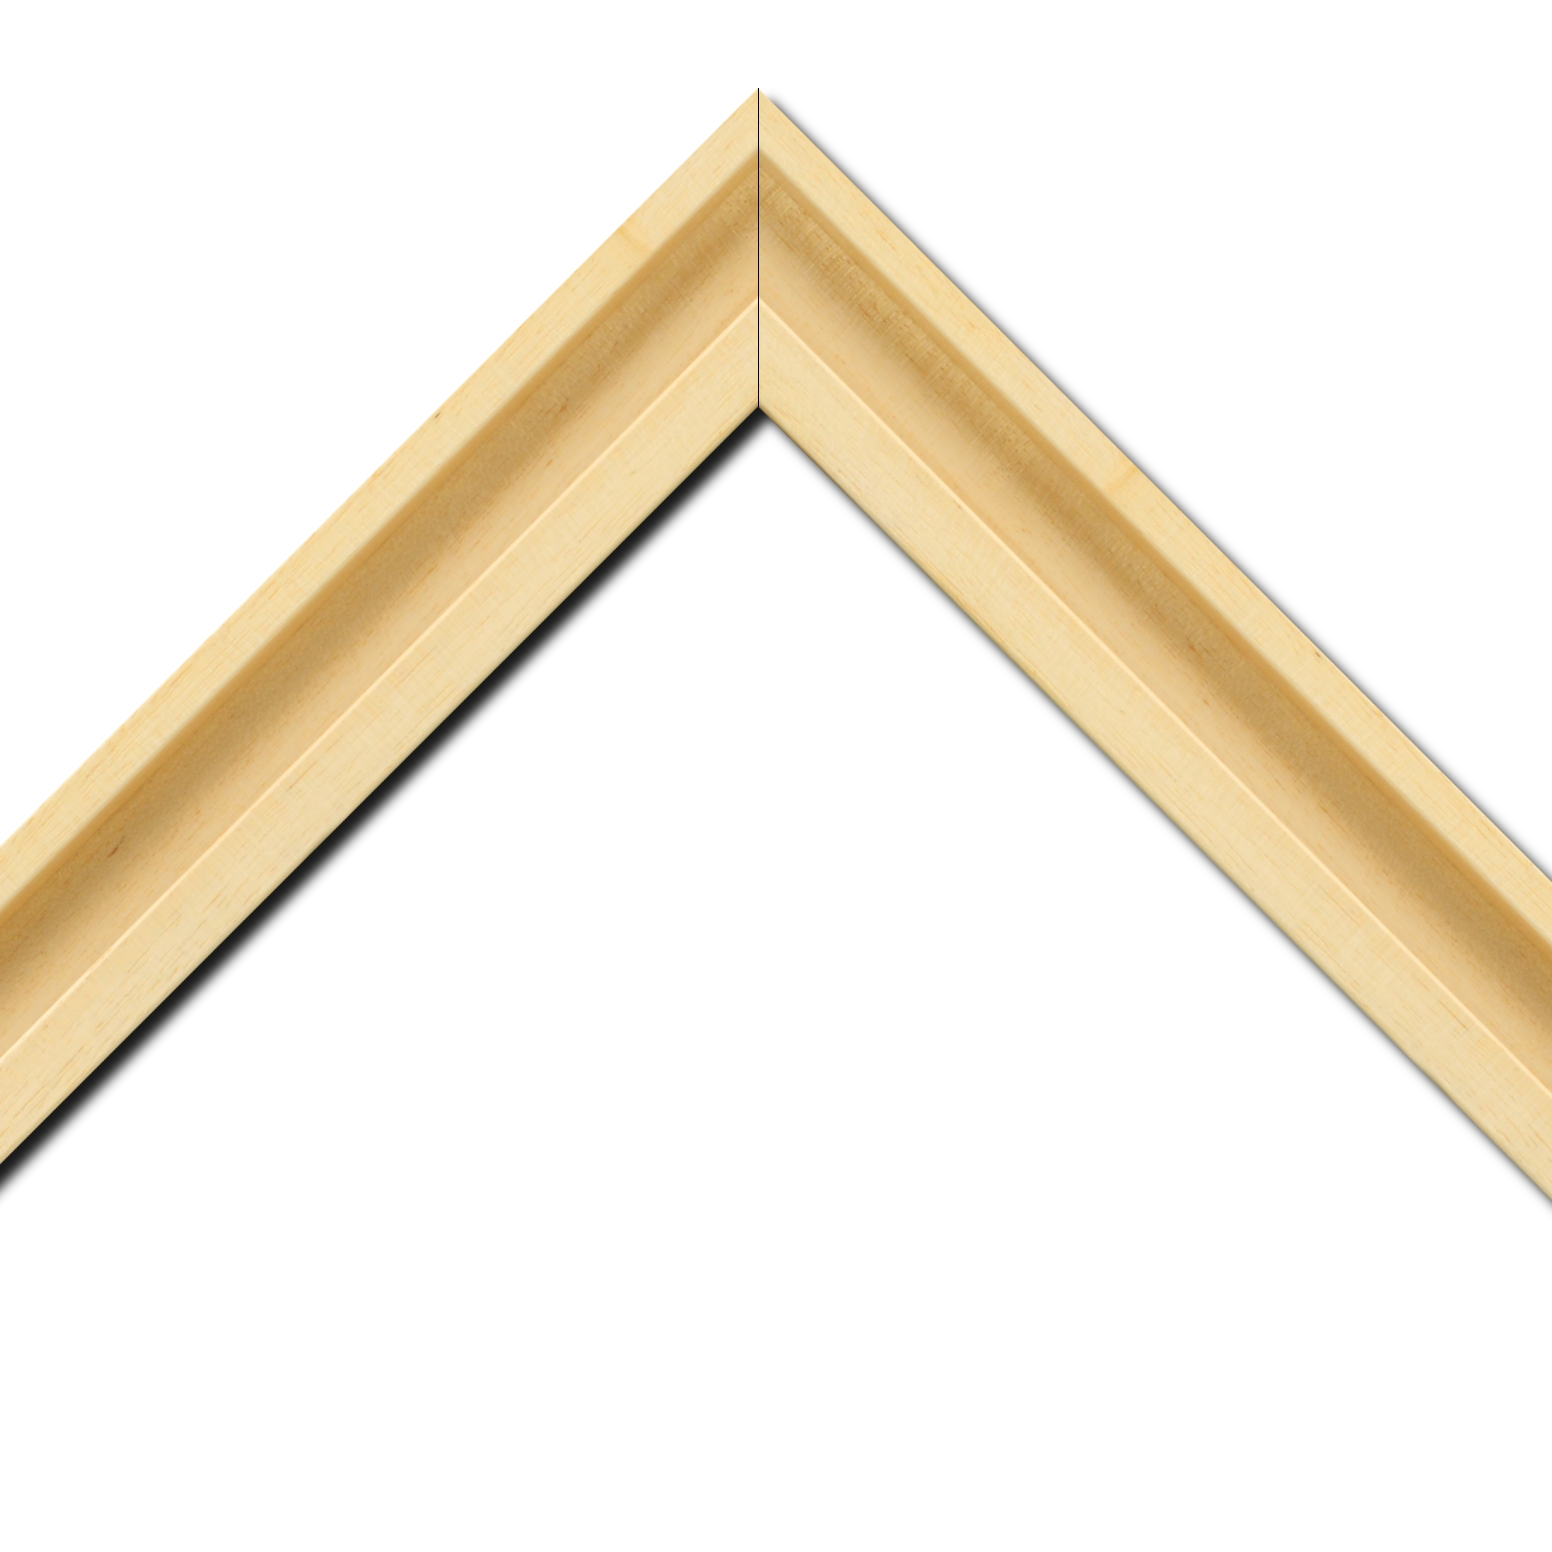 Baguette bois caisse américaine largeur 4.5cm naturel satiné (spécialement concu pour les supports papier necessitant une protection et un isorel assurant le maintien de l'ensemble : le sujet se met à l'intérieur du cadre ) profil en u